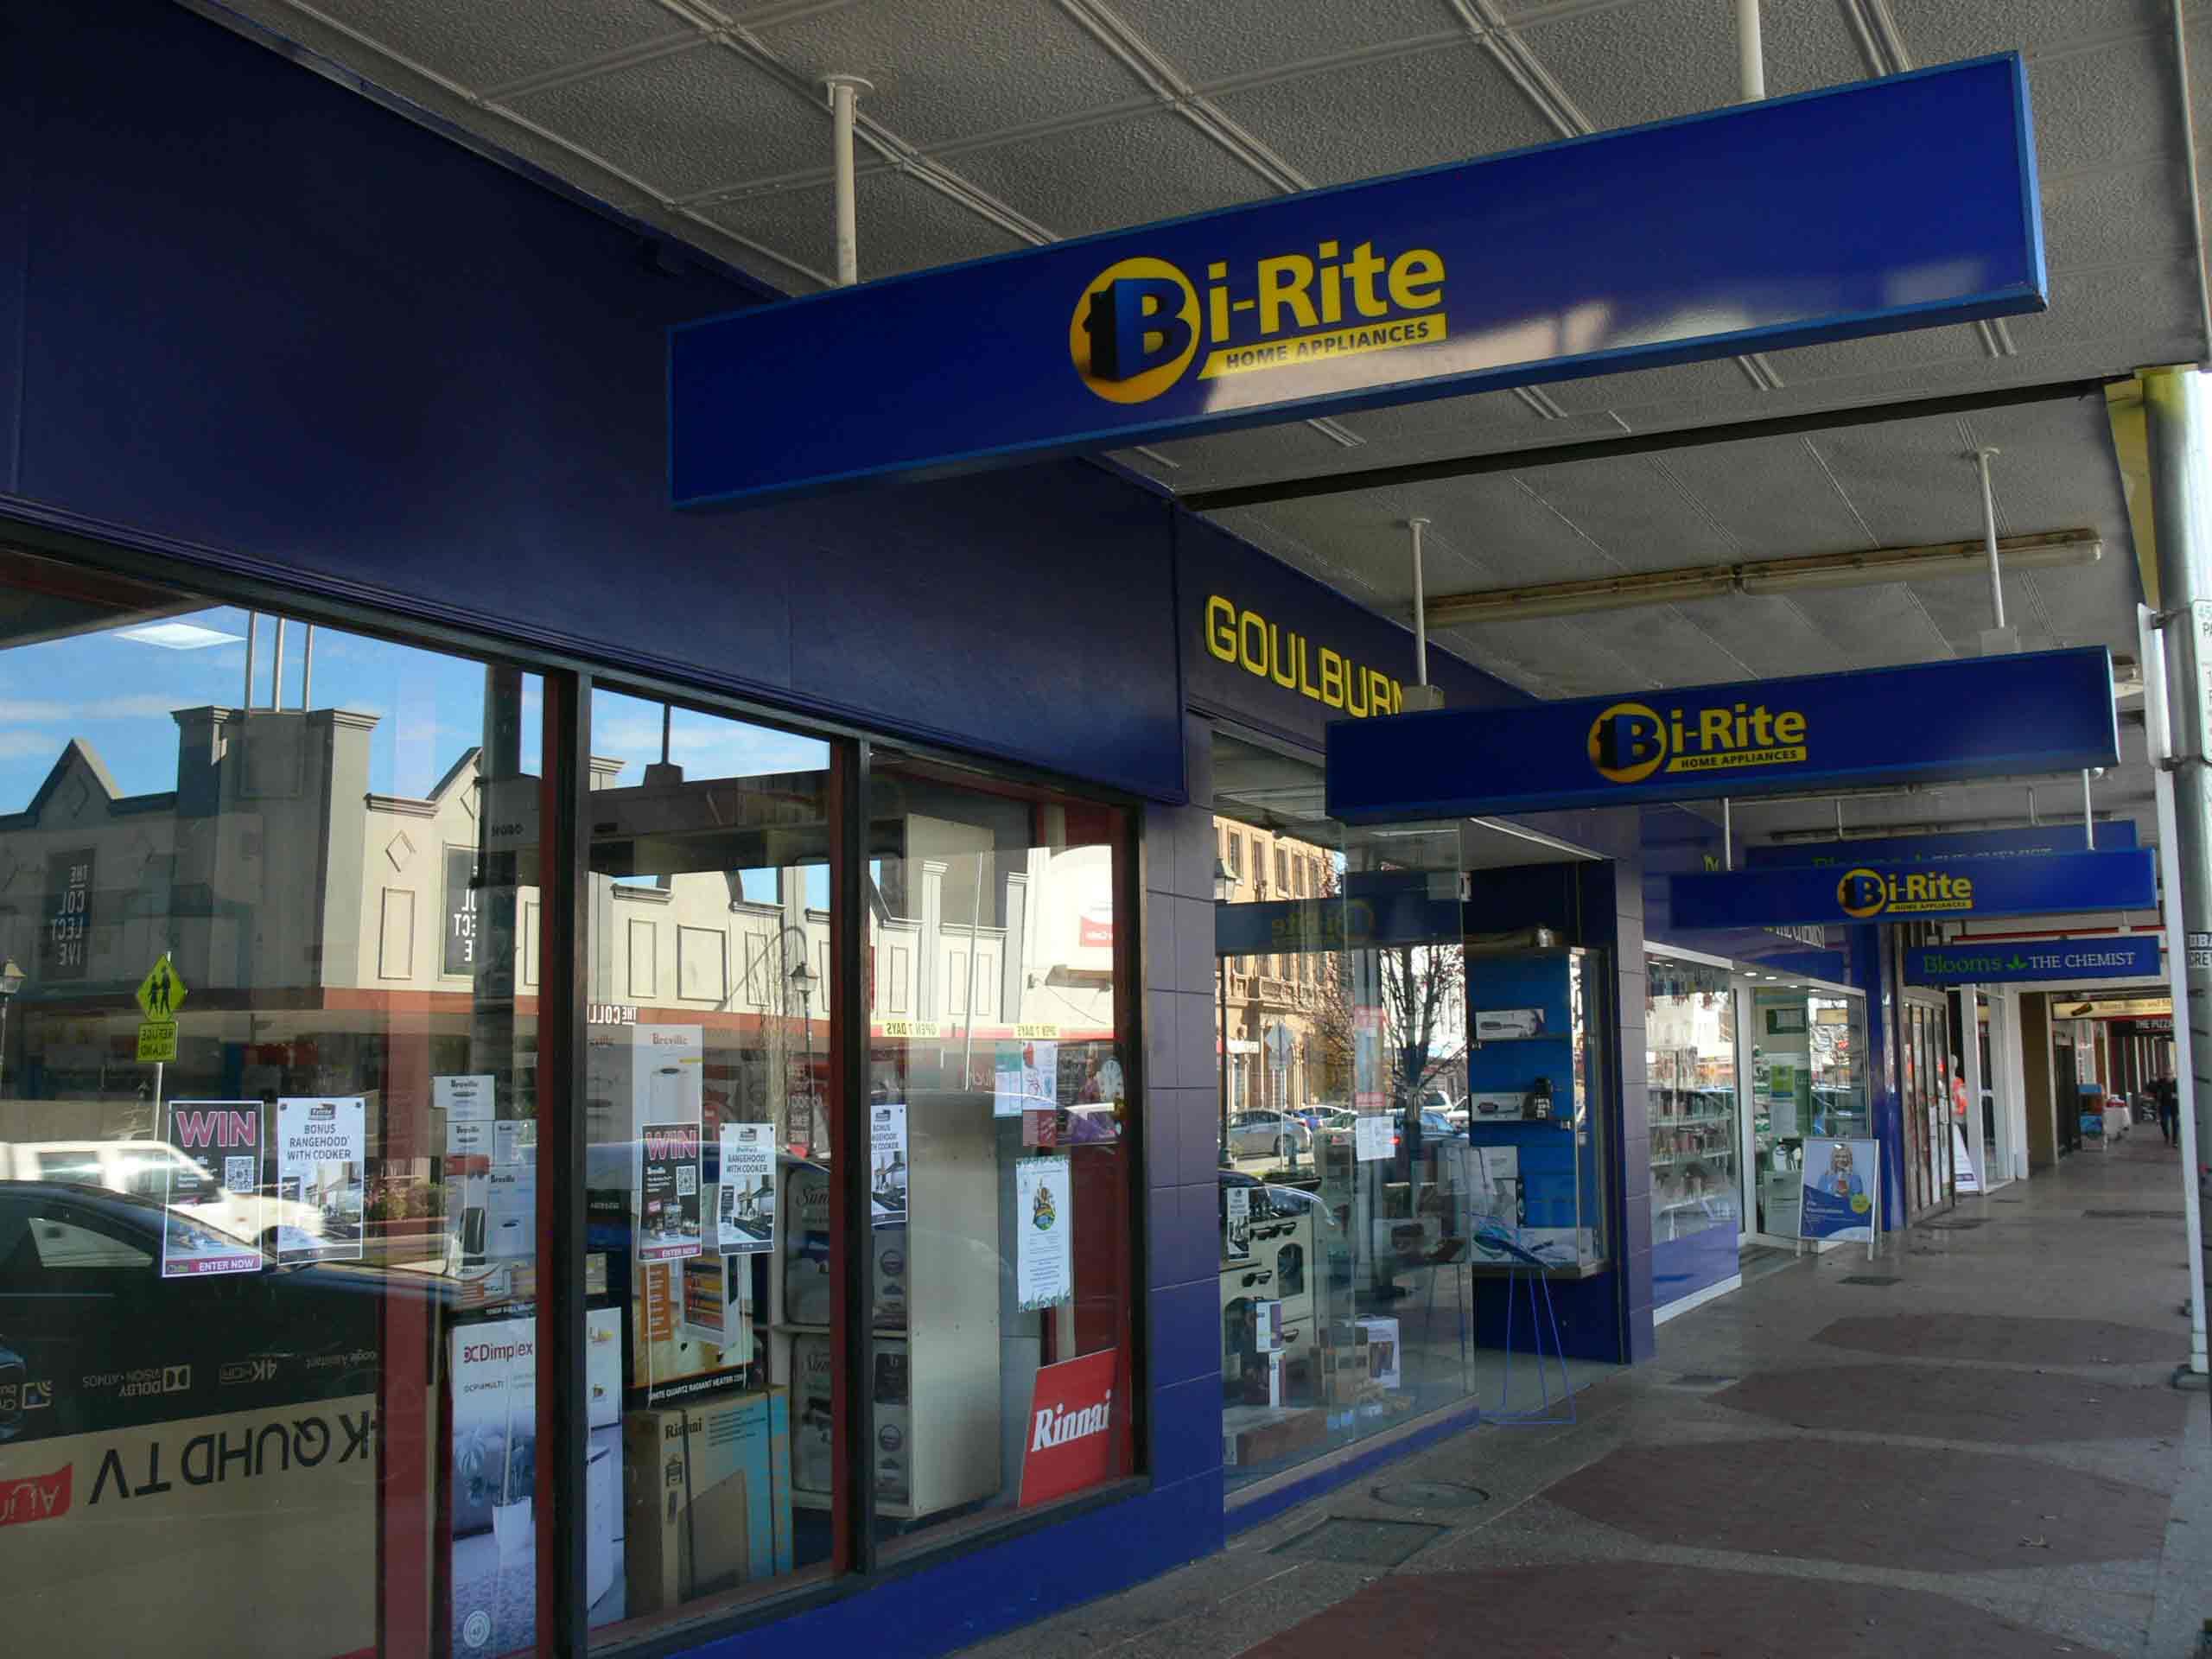 Bi-Rite Goulburn Store Front